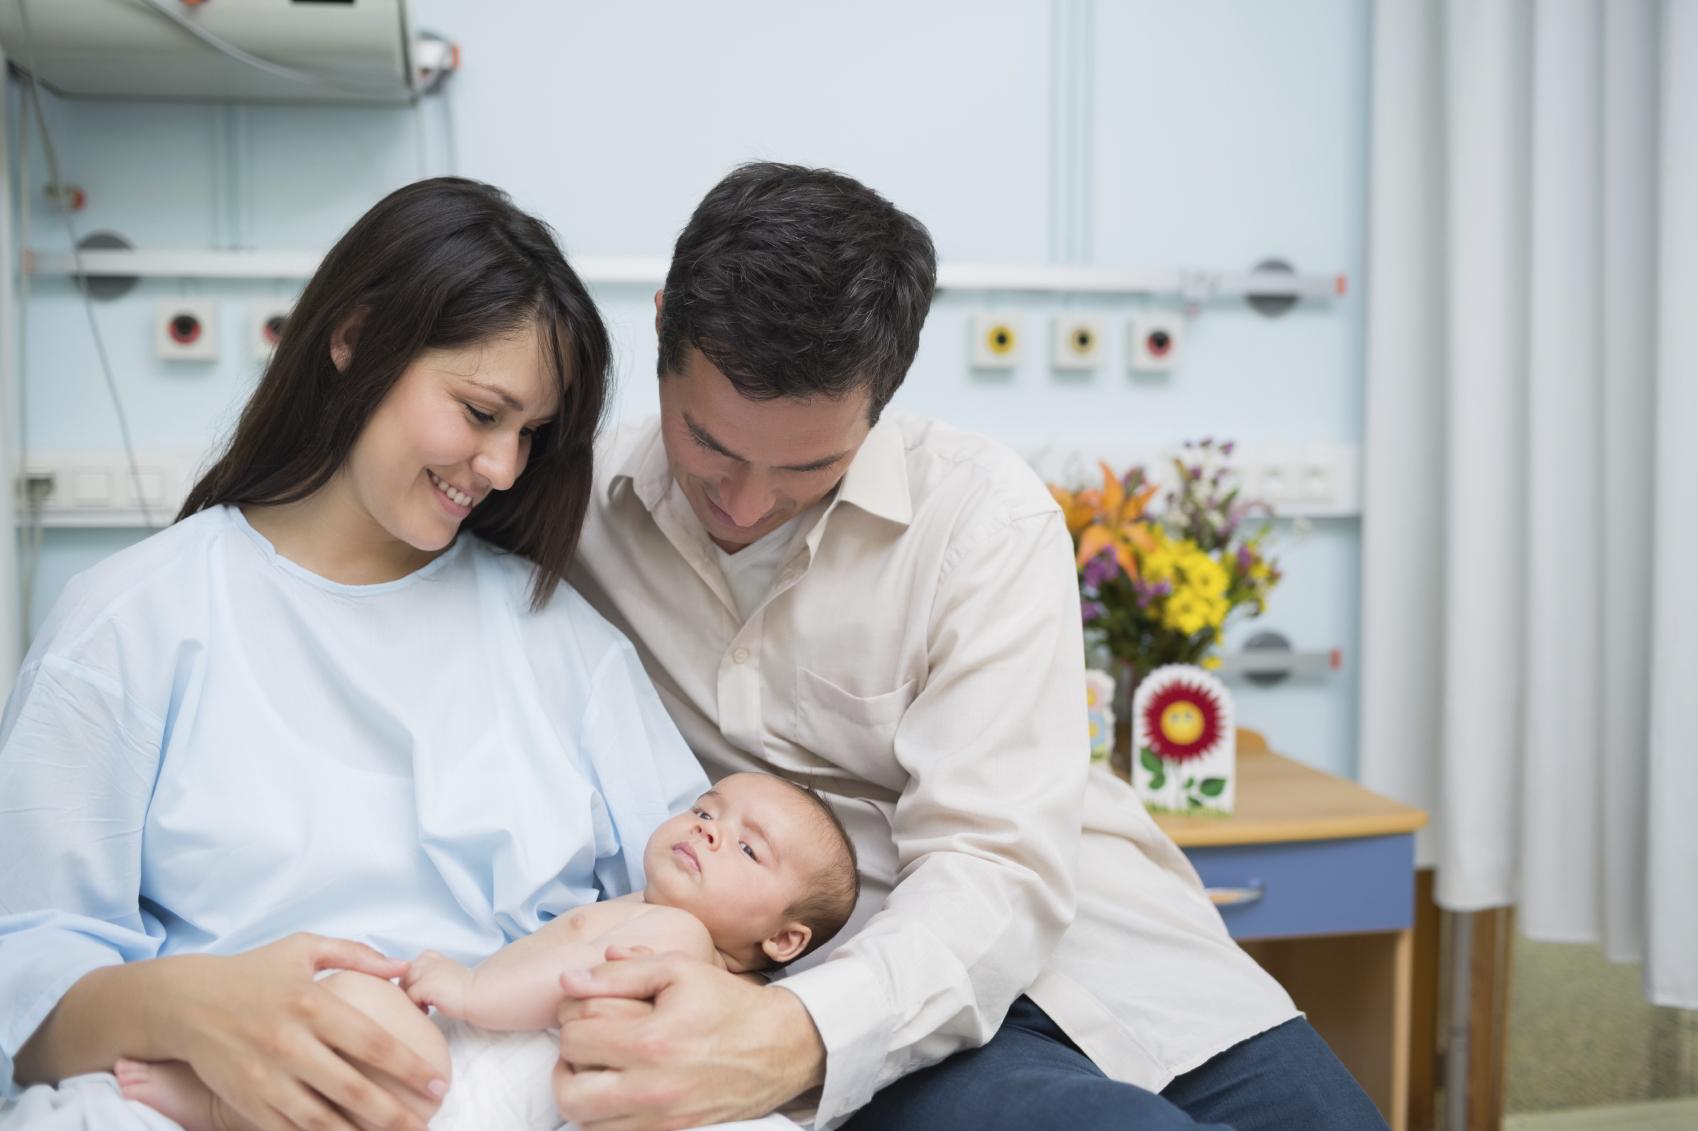 Efter en igangsat fødsel kom han endelig til verden